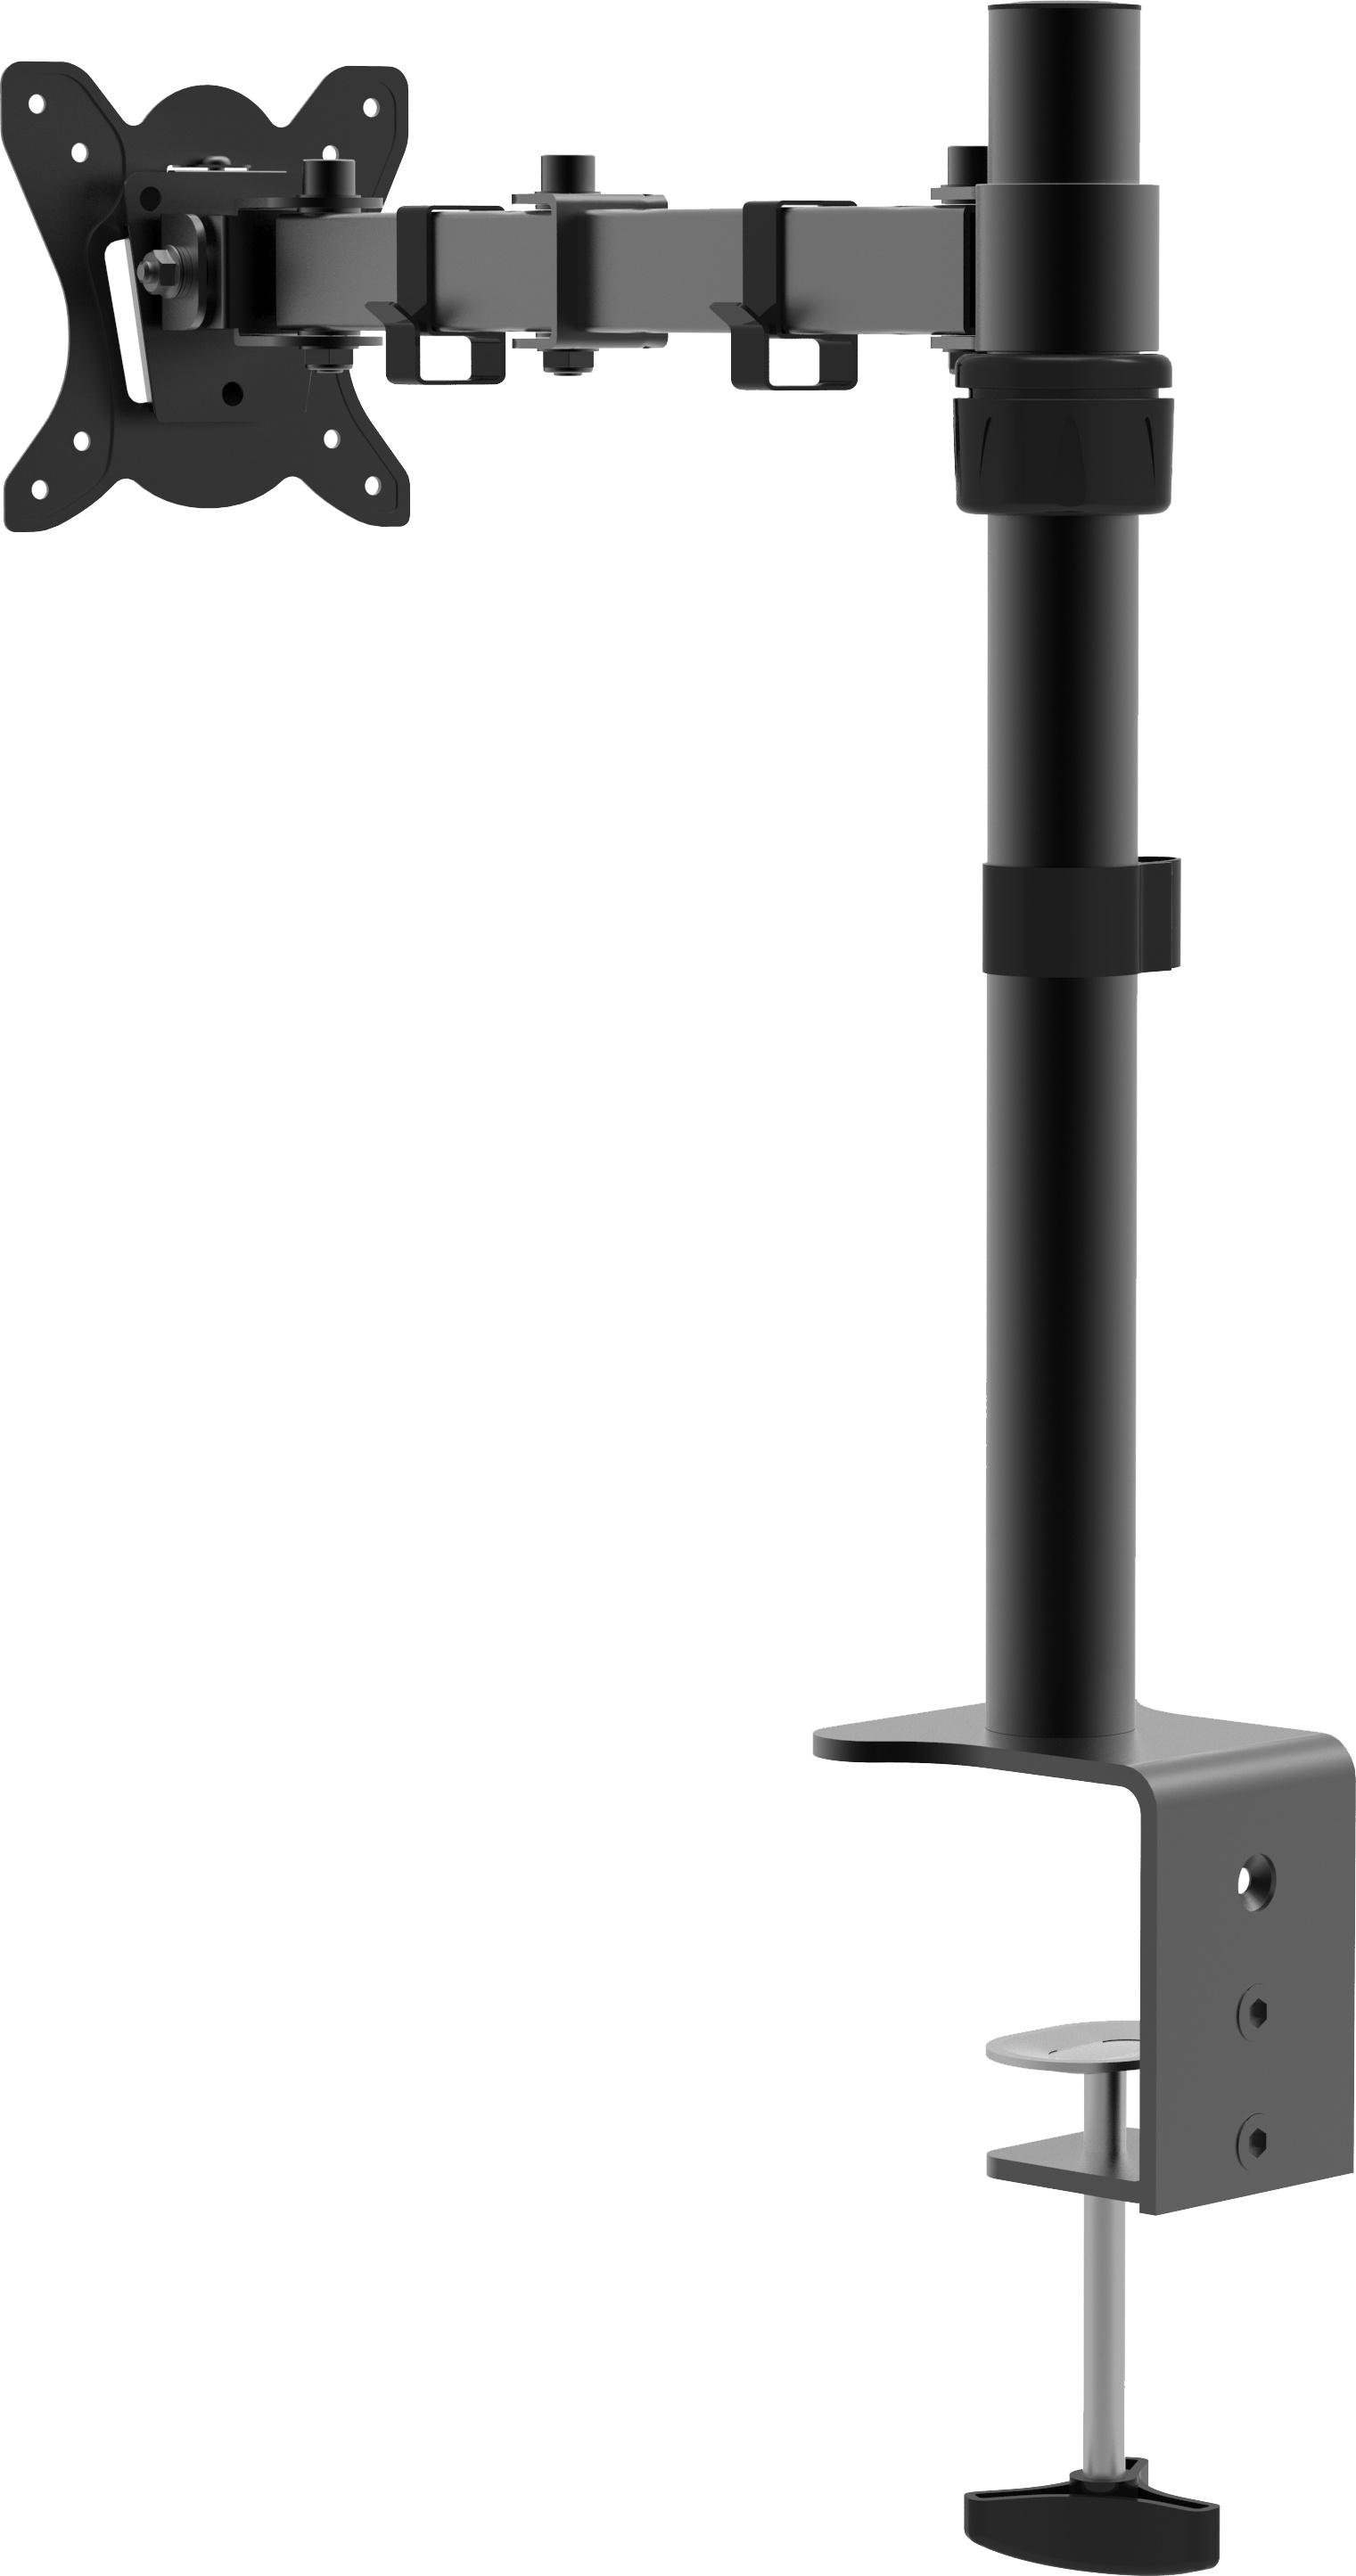 VCM Monitor TFT Schwenkarm Tisch Schreibtisch Halterung Halter Bildschirm Halterung